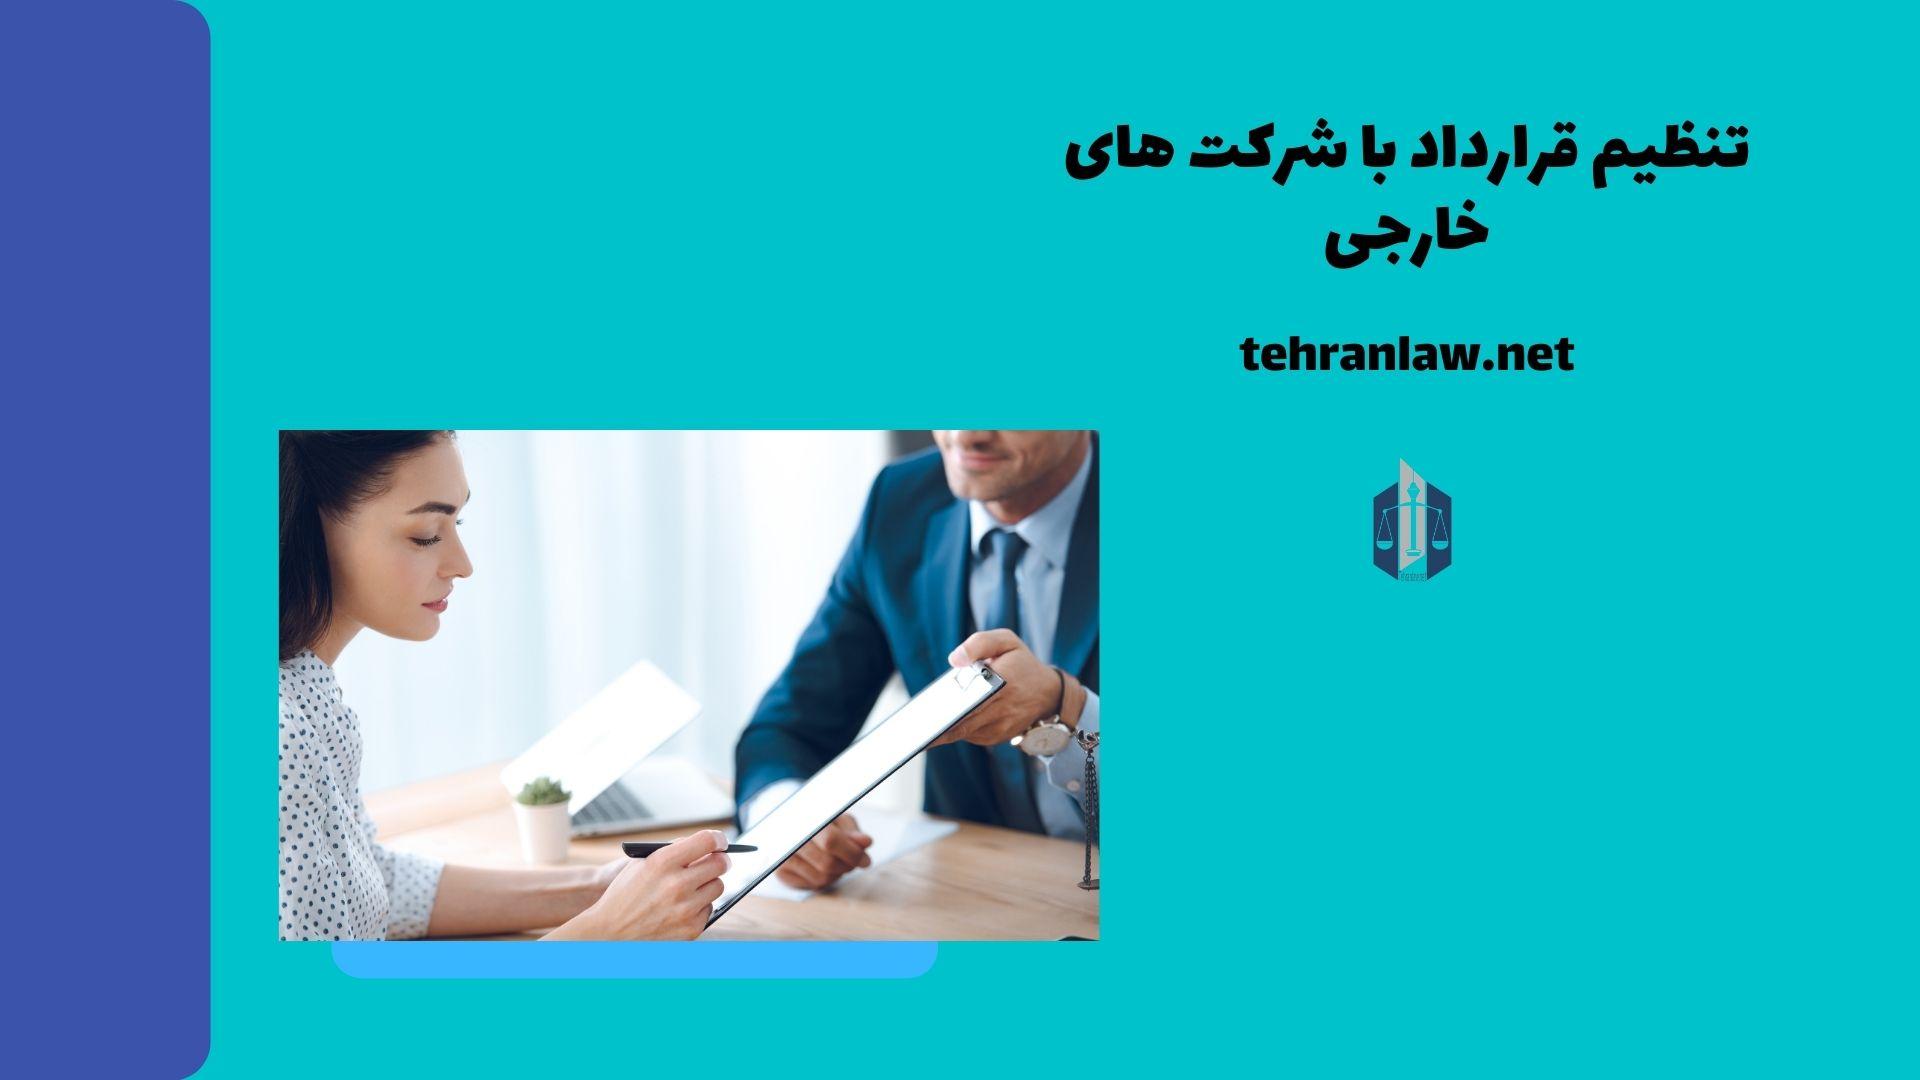 تنظیم قرارداد با شرکت های خارجی